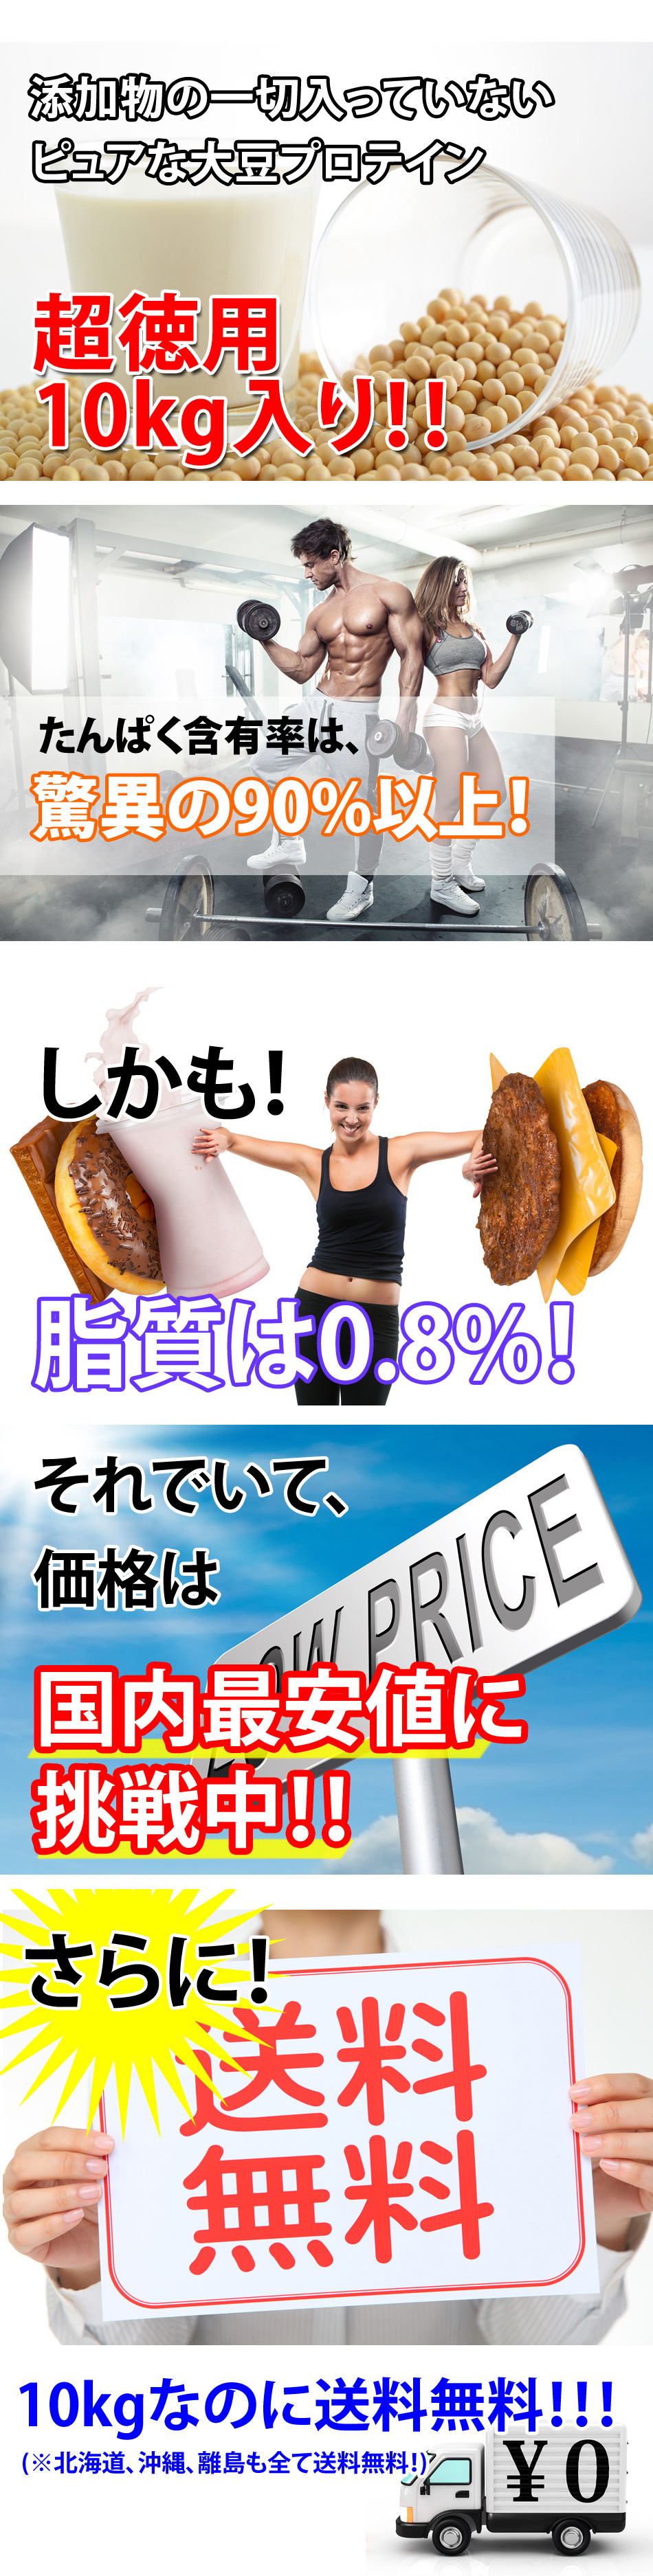 ピュア・ソイプロテイン10kg_1